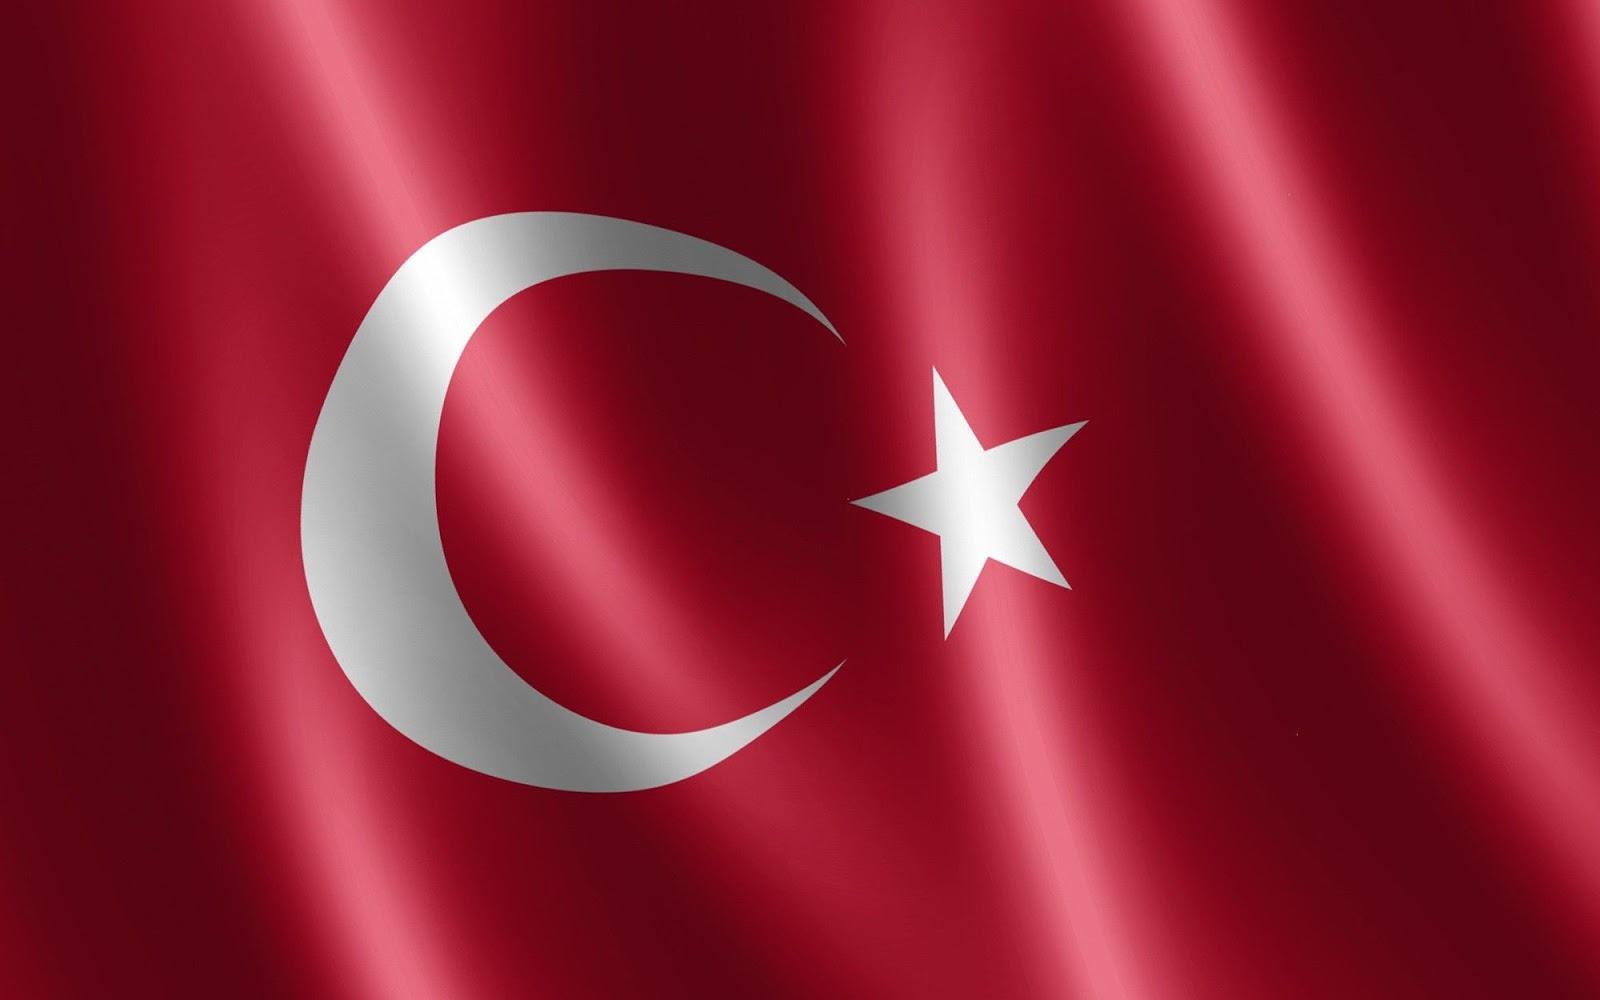 Erzurum Bayrak İmalatı ve Bayrak Üretimi